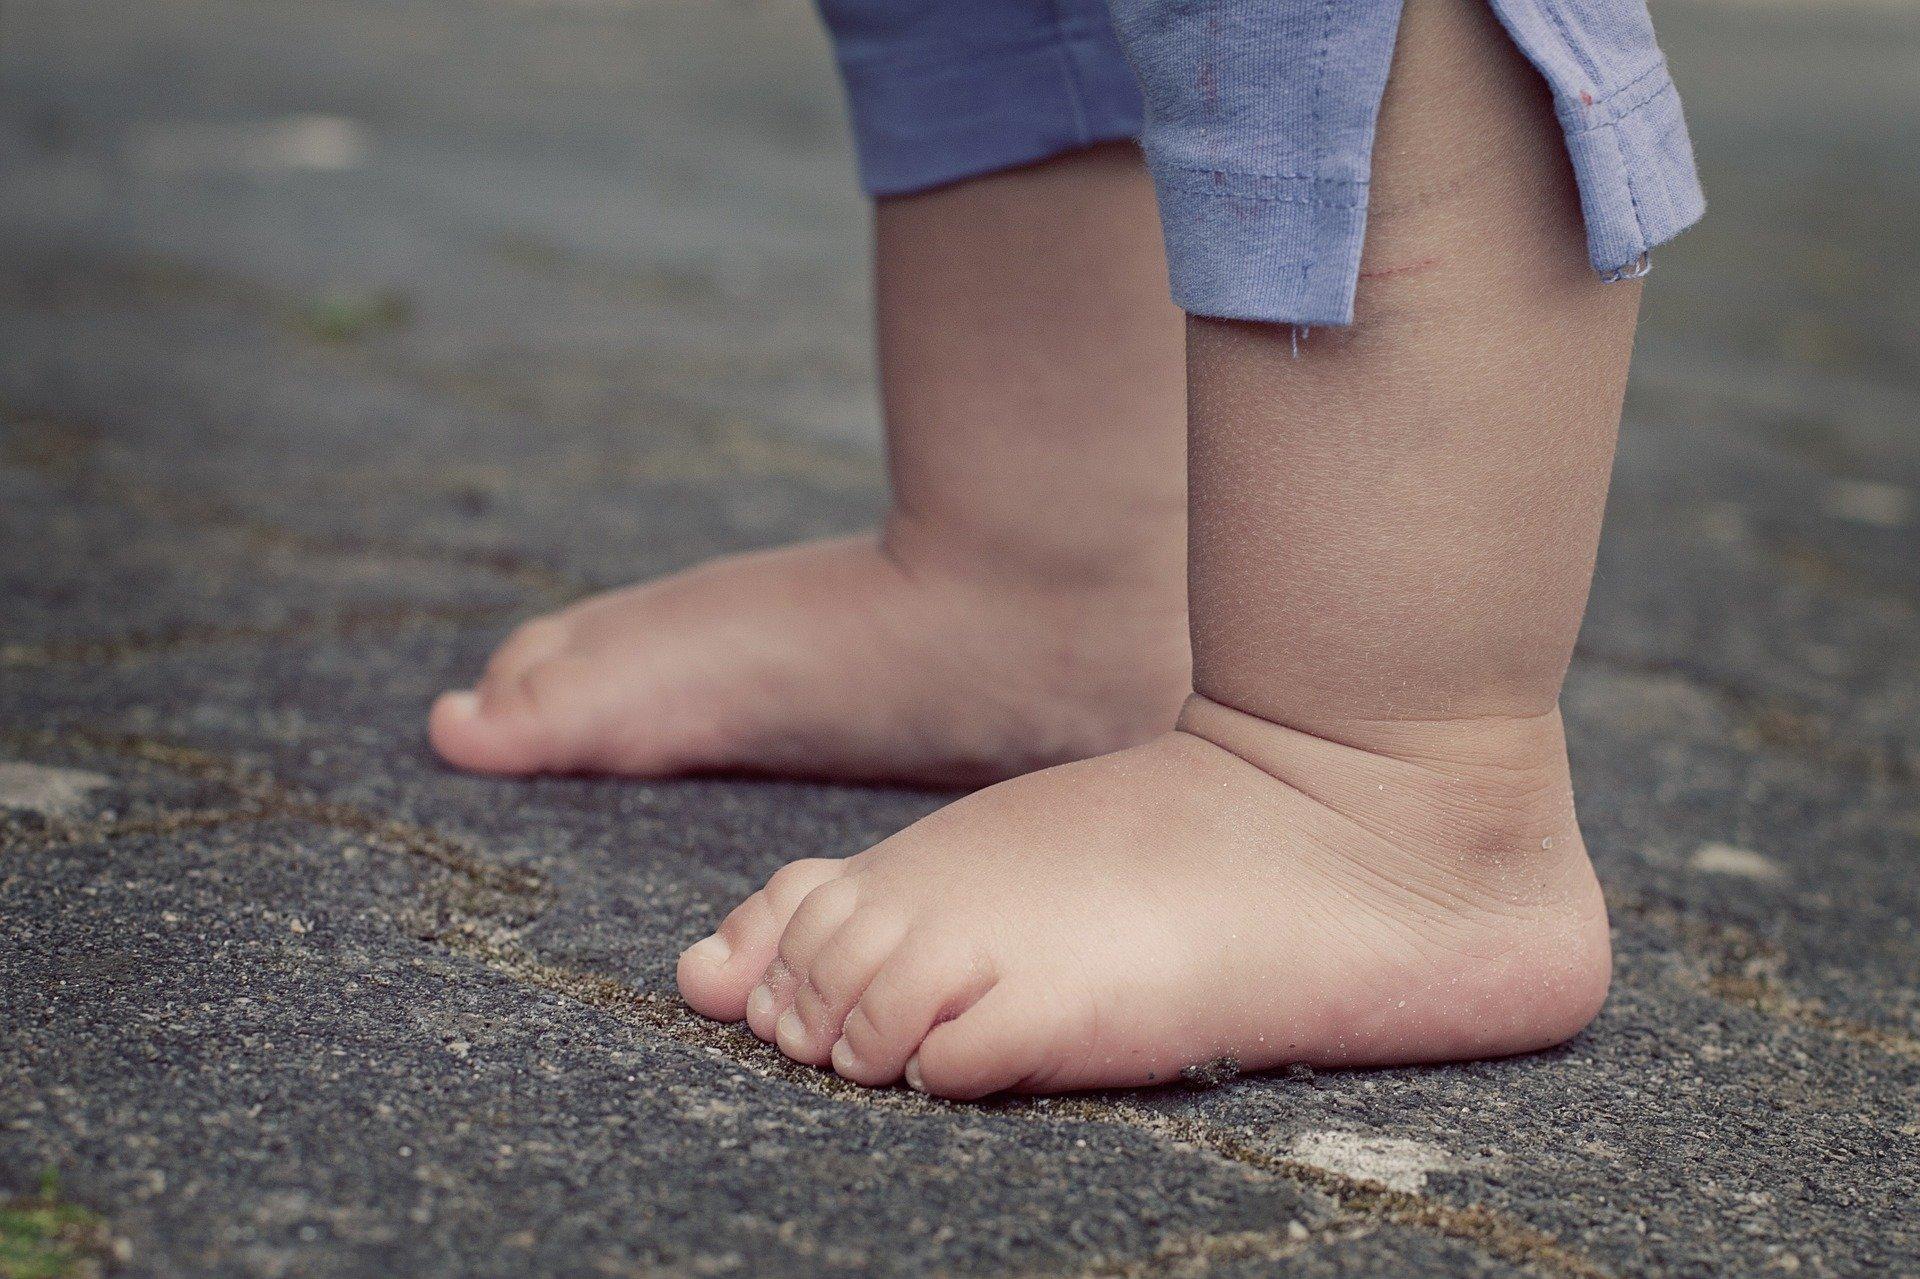 puede progenitor divorciado negarse a vacunar a los ninos